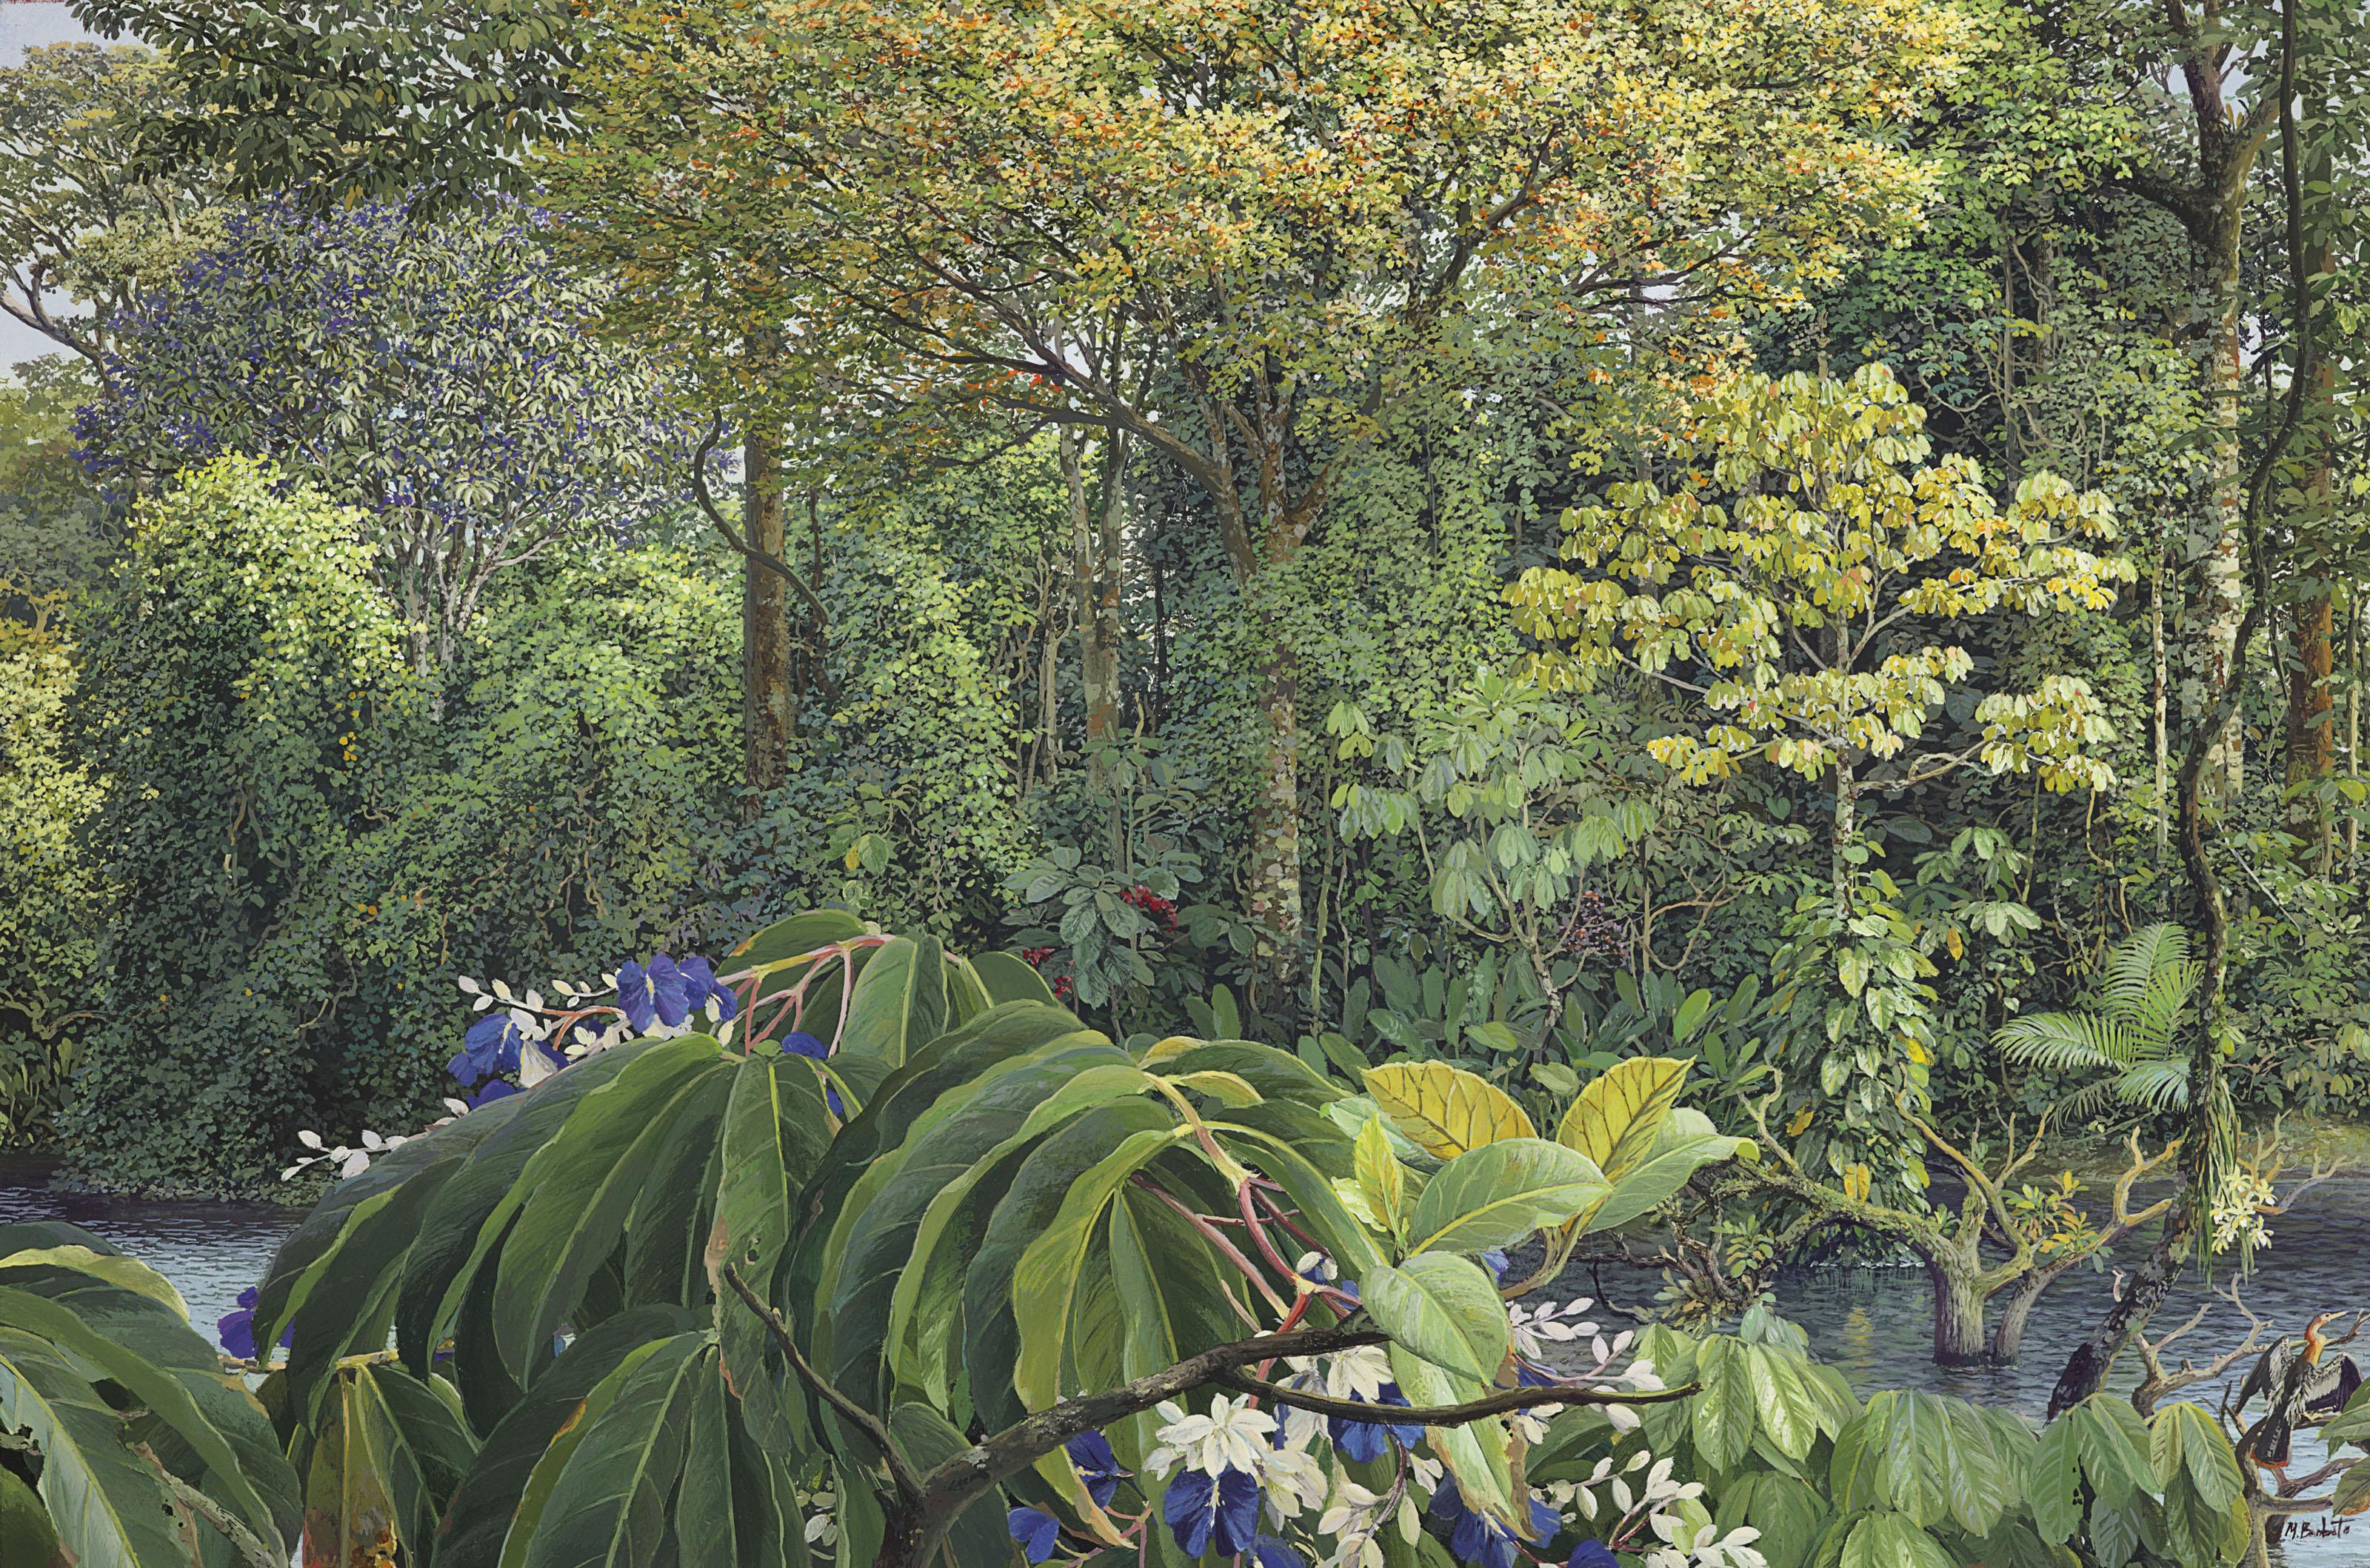 Qualea azul - Qualea ingens Amazônia